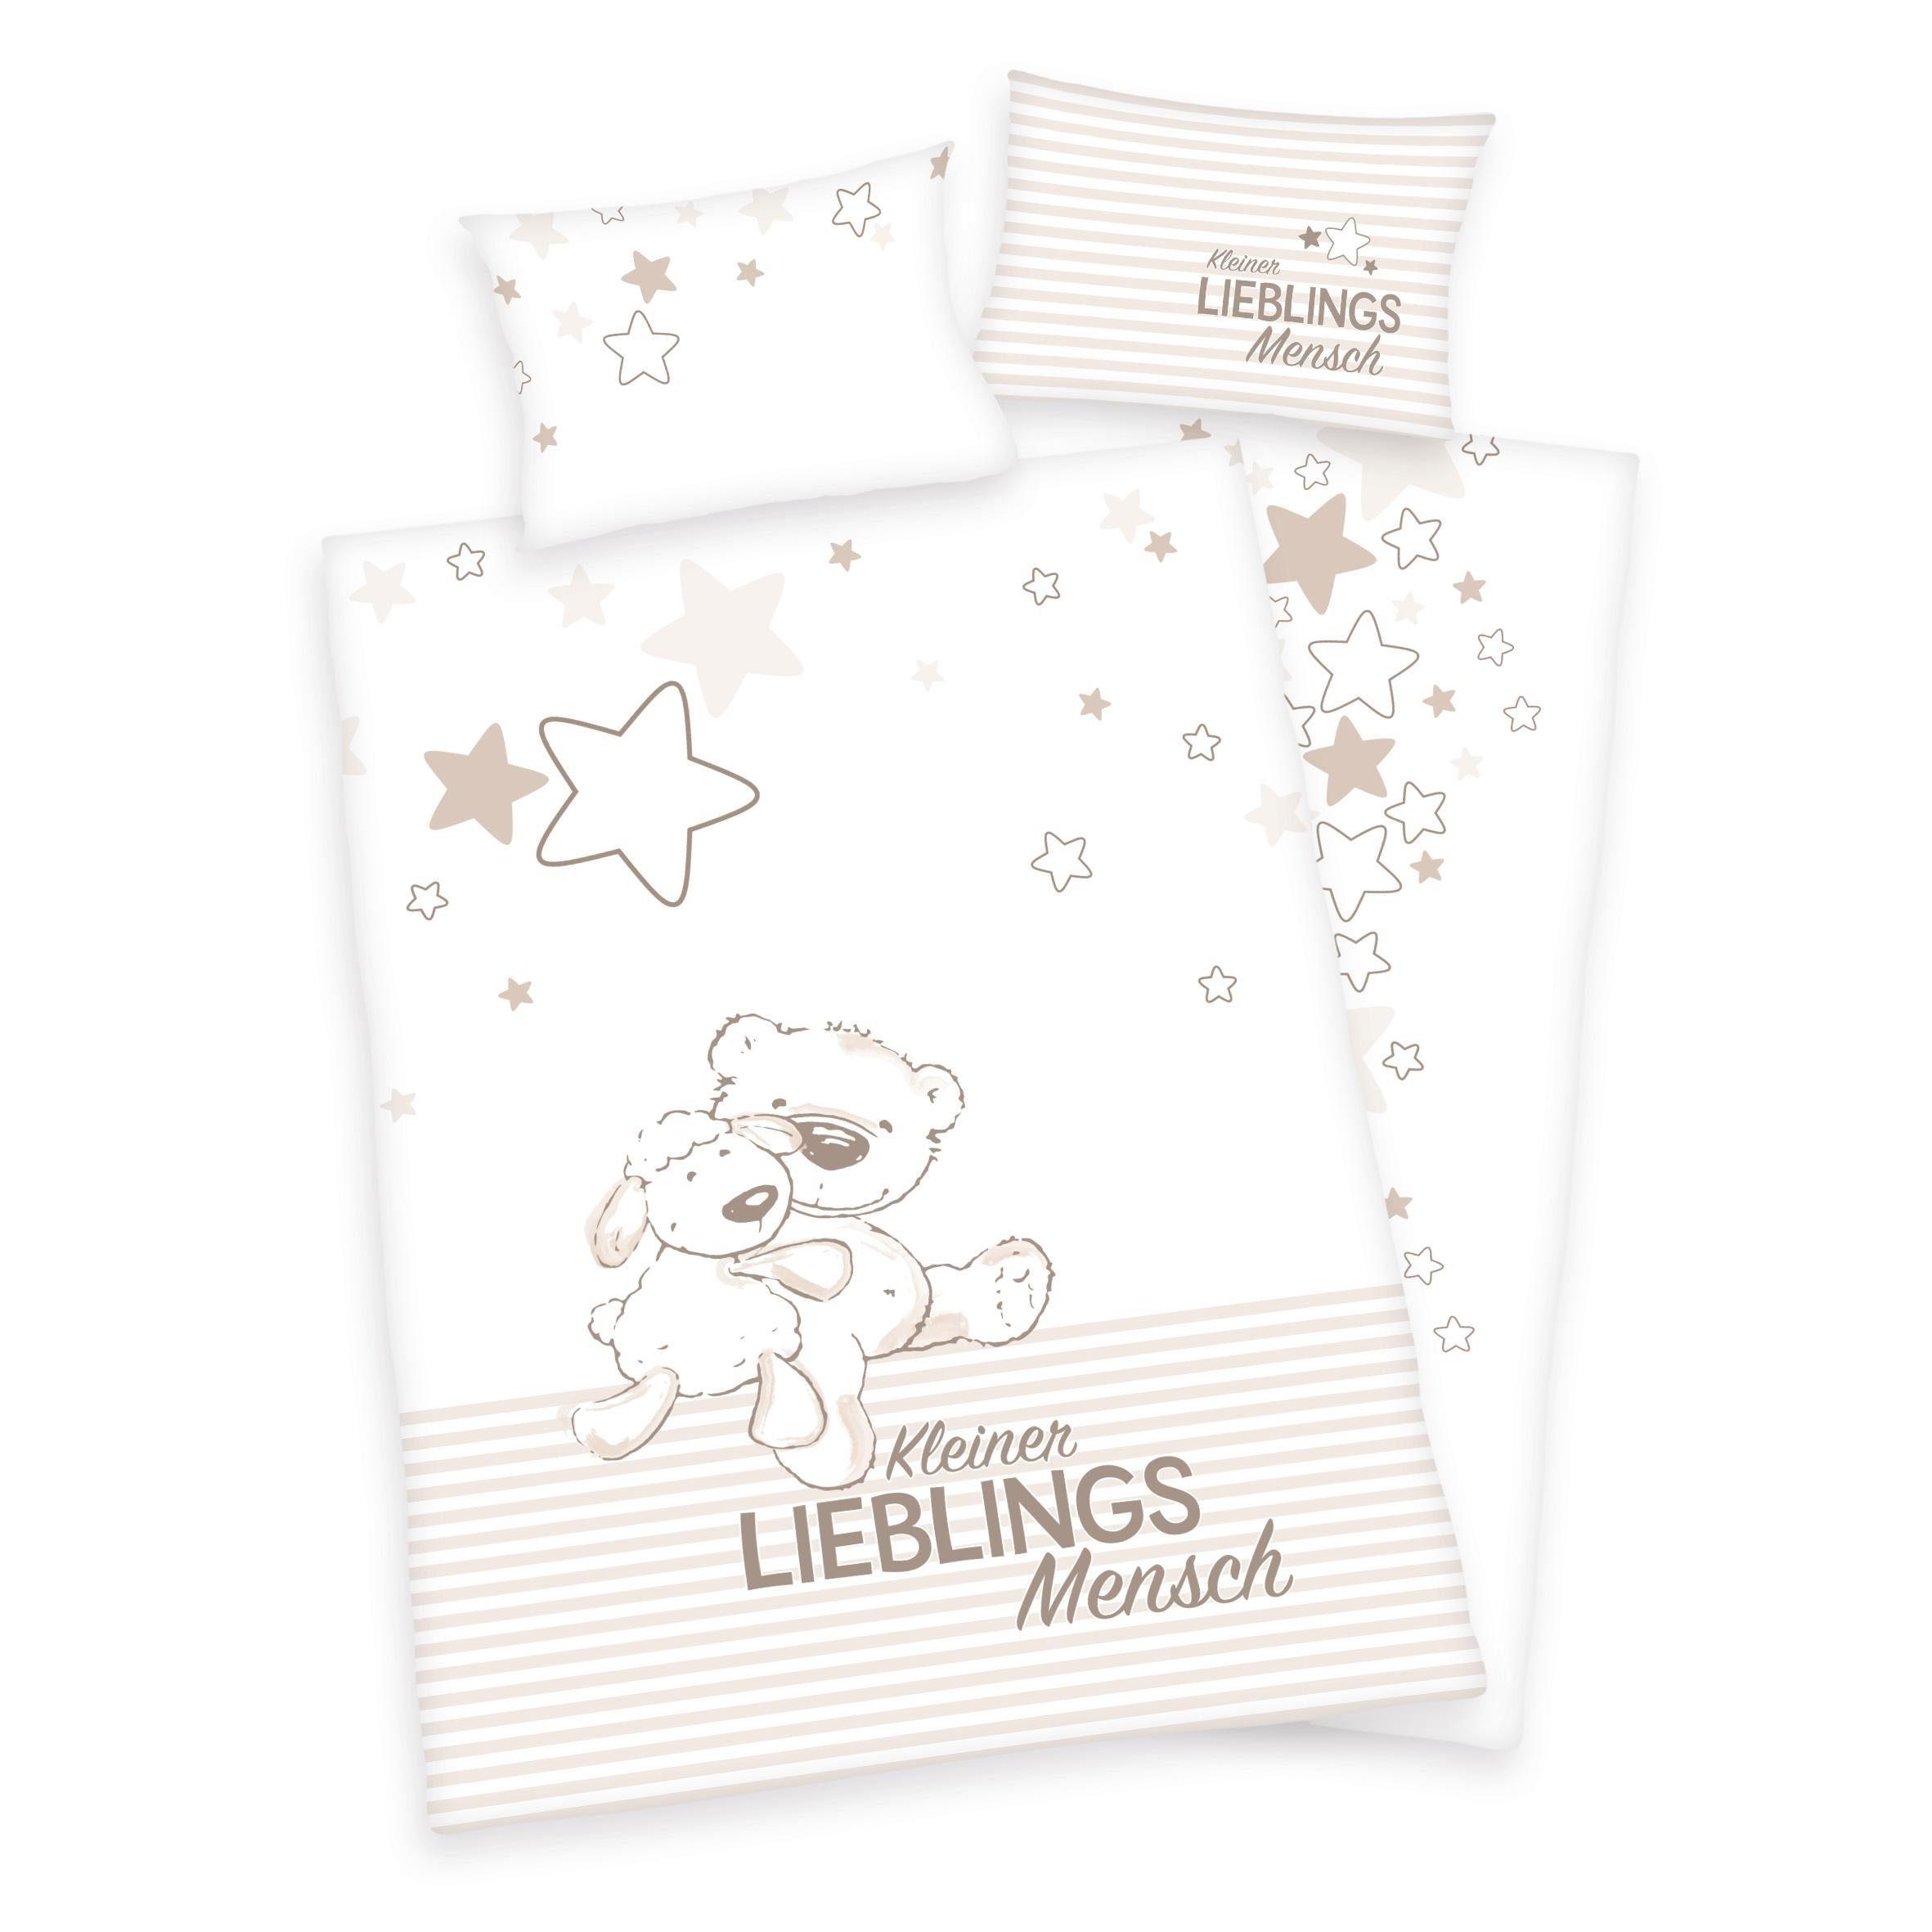 Babybettwäsche »Kleiner Lieblingsmensch«, Herding, Mit Teddy und Schaf